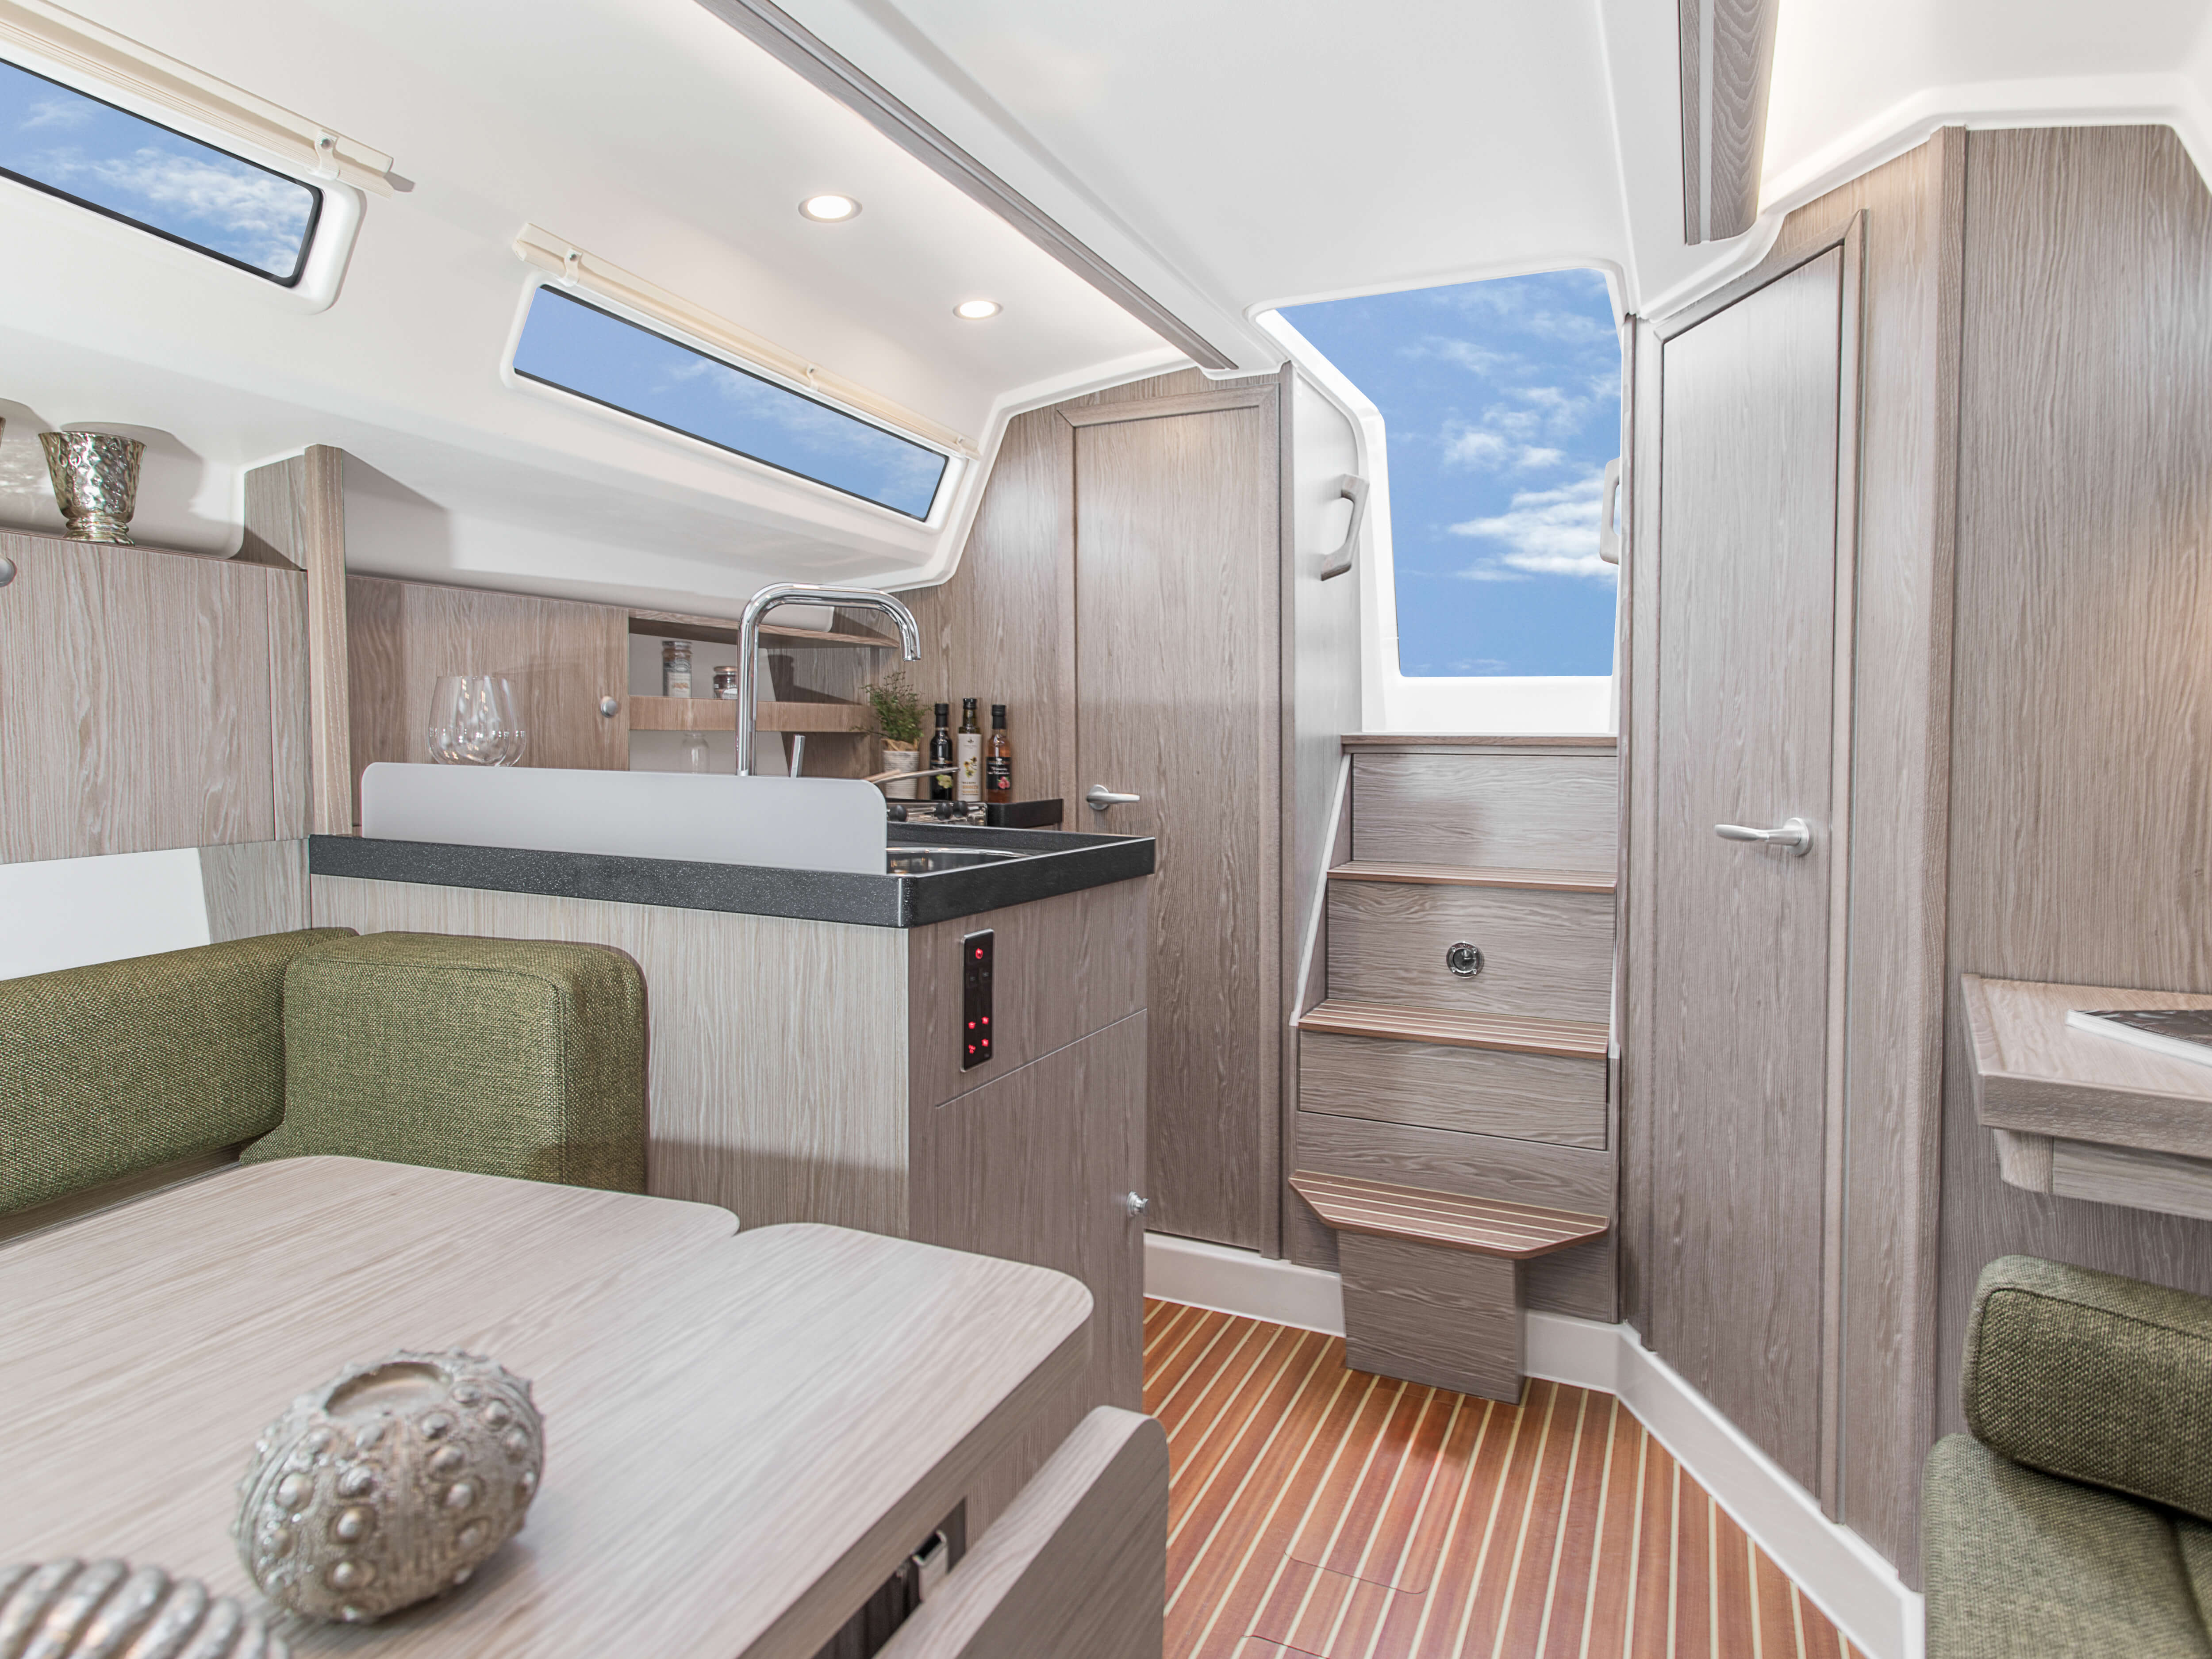 Hanse 315 Interior view lounge | Çeşitli yerleşim seçenekleri ve kaliteli kumaşlar, zarif ahşaplar, moda renkler, seçkin zemin malzemeleri ve şık mobilyaların dahil olduğu geniş kombinasyon seçenekleri sayesinde HANSE'nizi kendinize özel, benzersiz bir yata dönüştürebilirsiniz. | Hanse